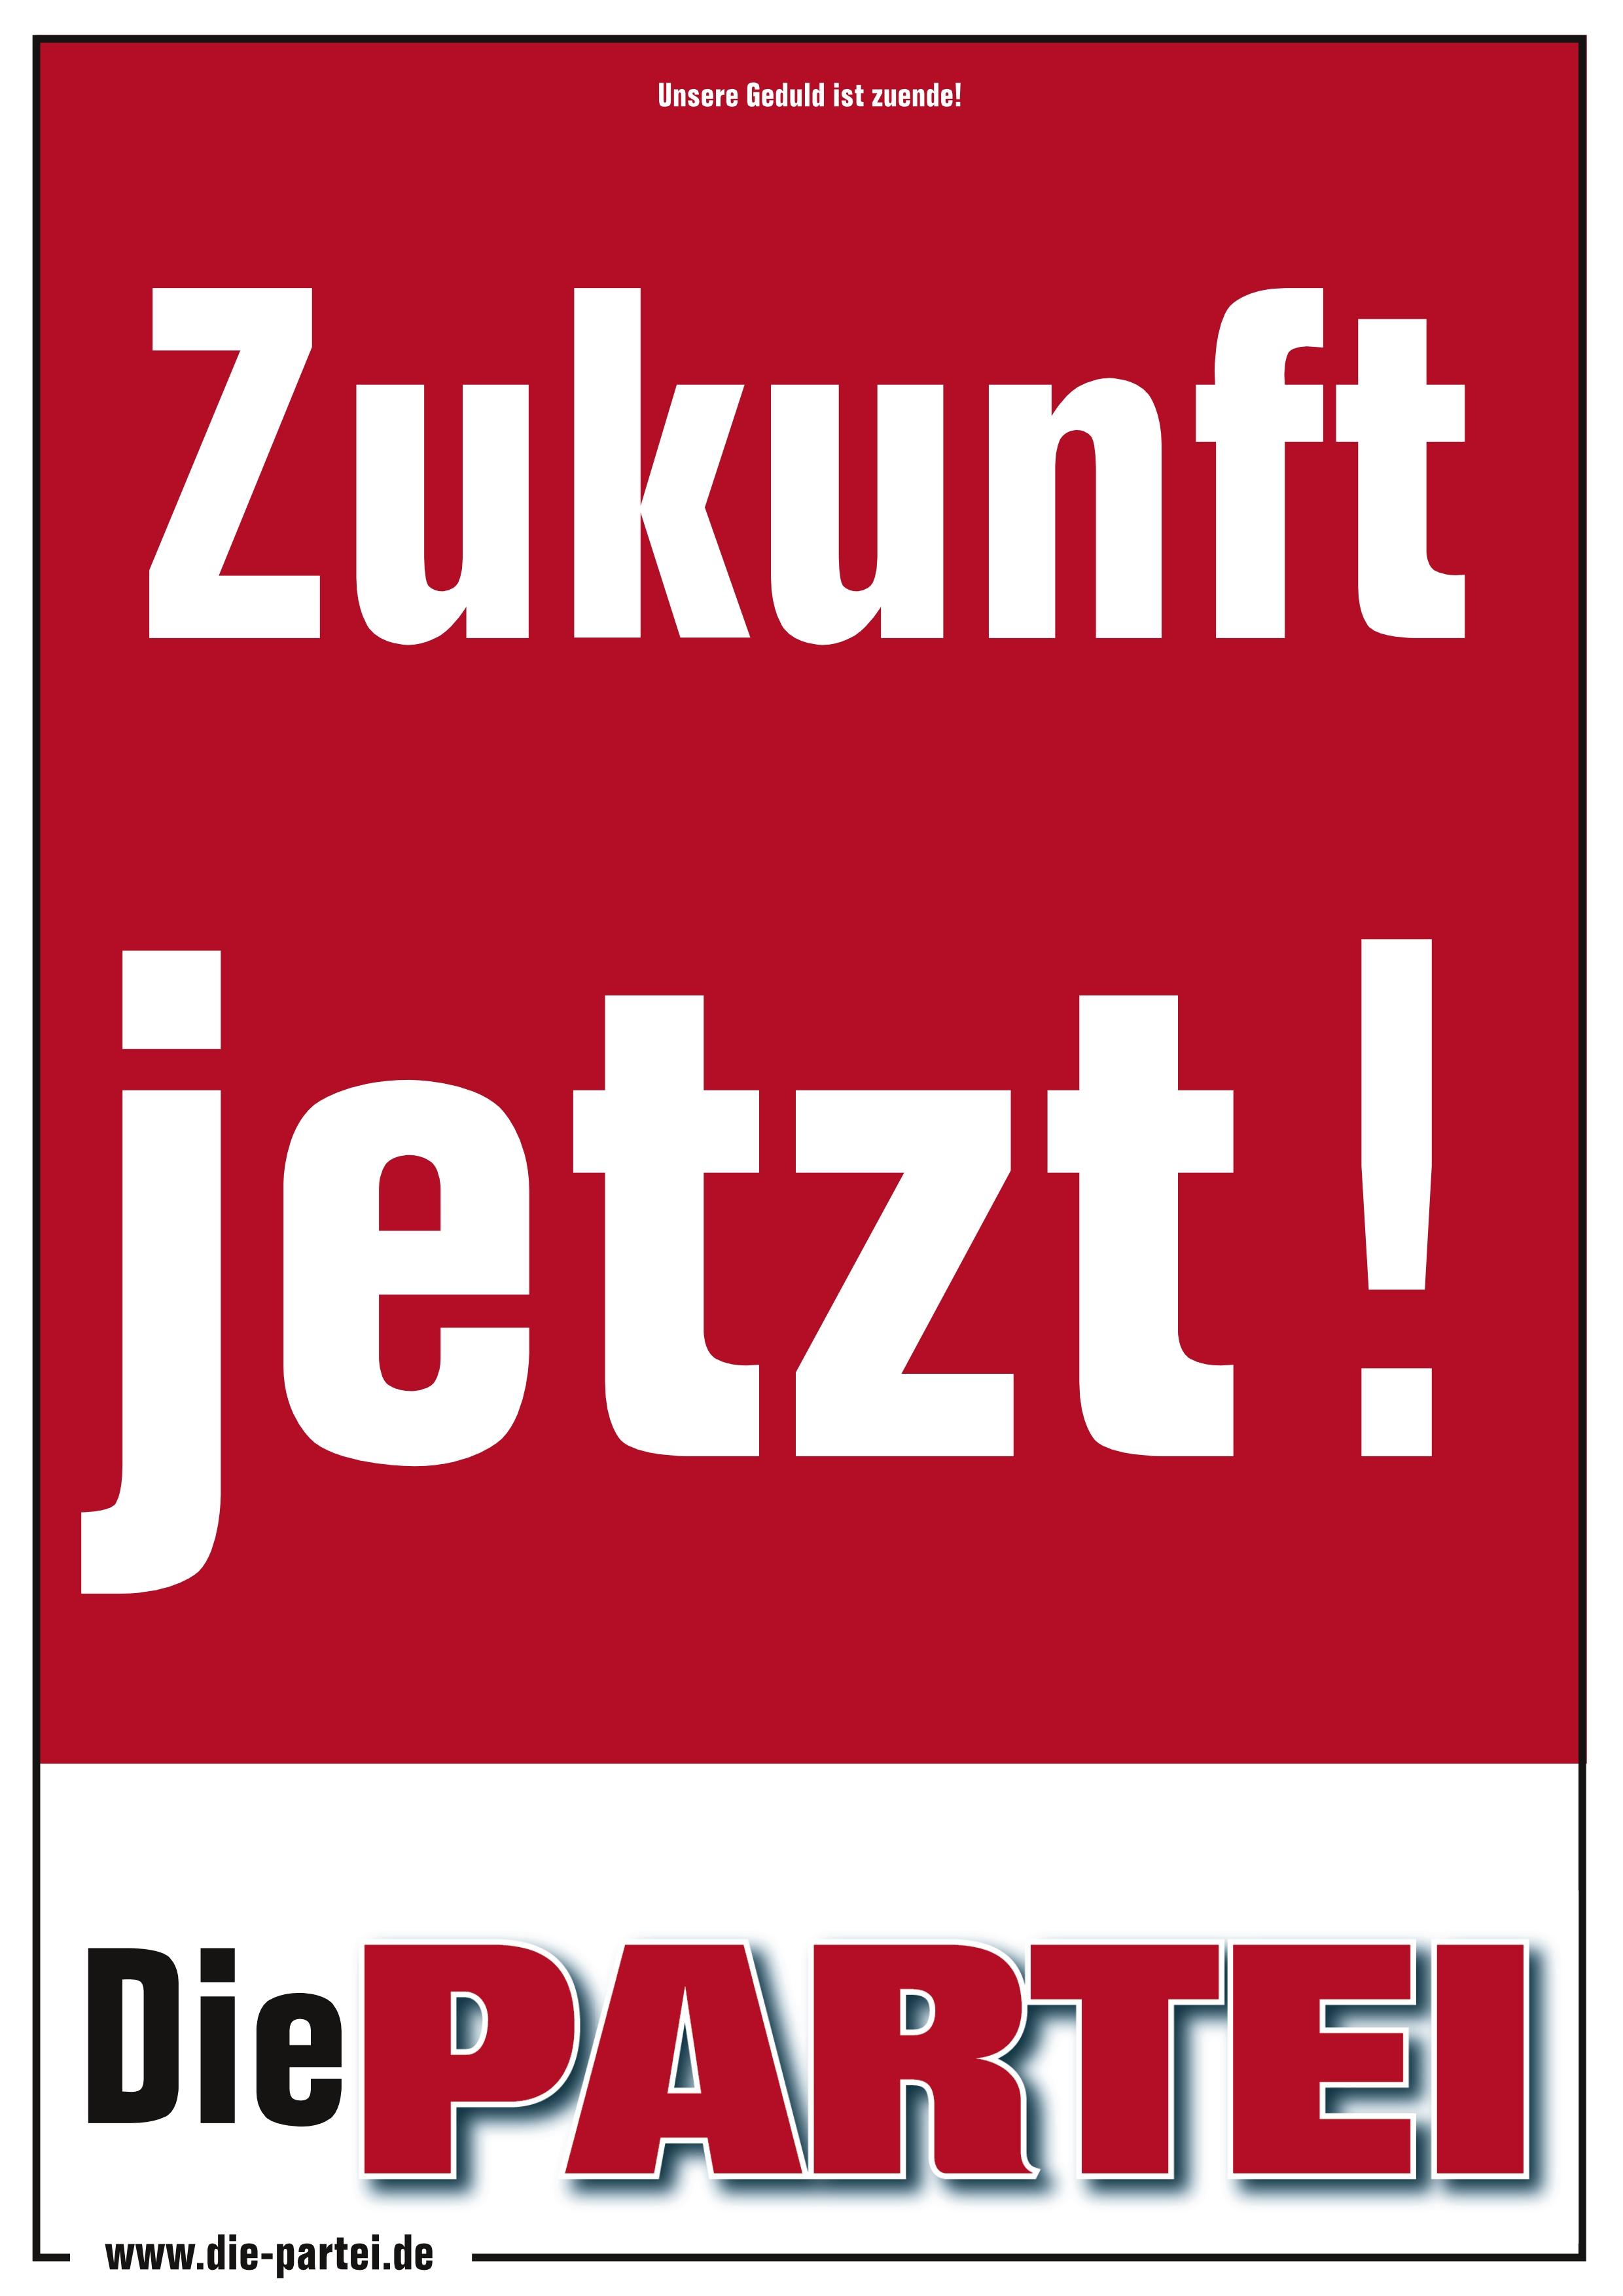 Die Partei Münster